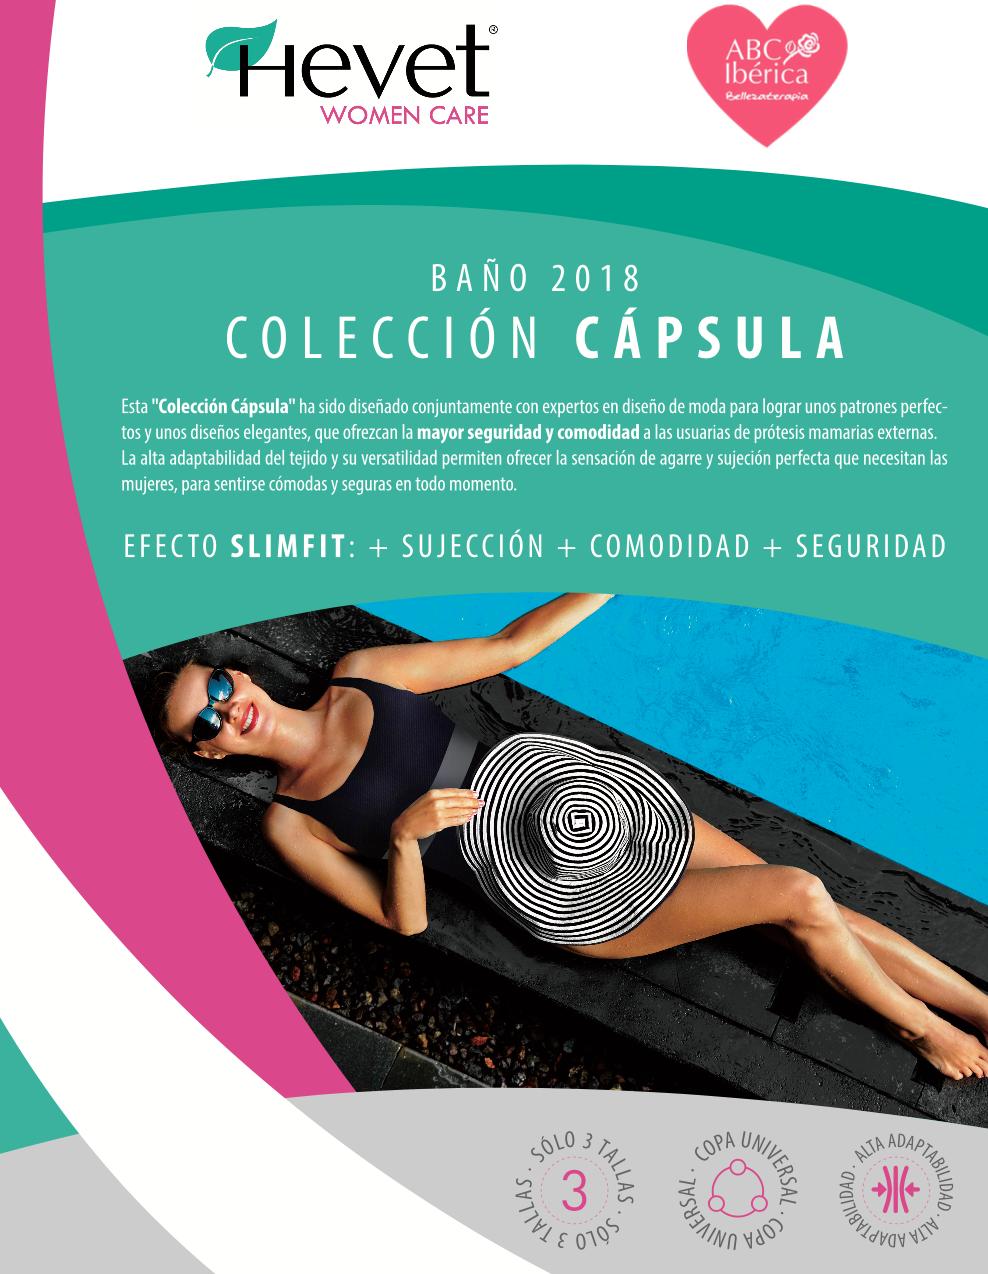 Catálogo de Bañadores de ABC para mastectomizadas